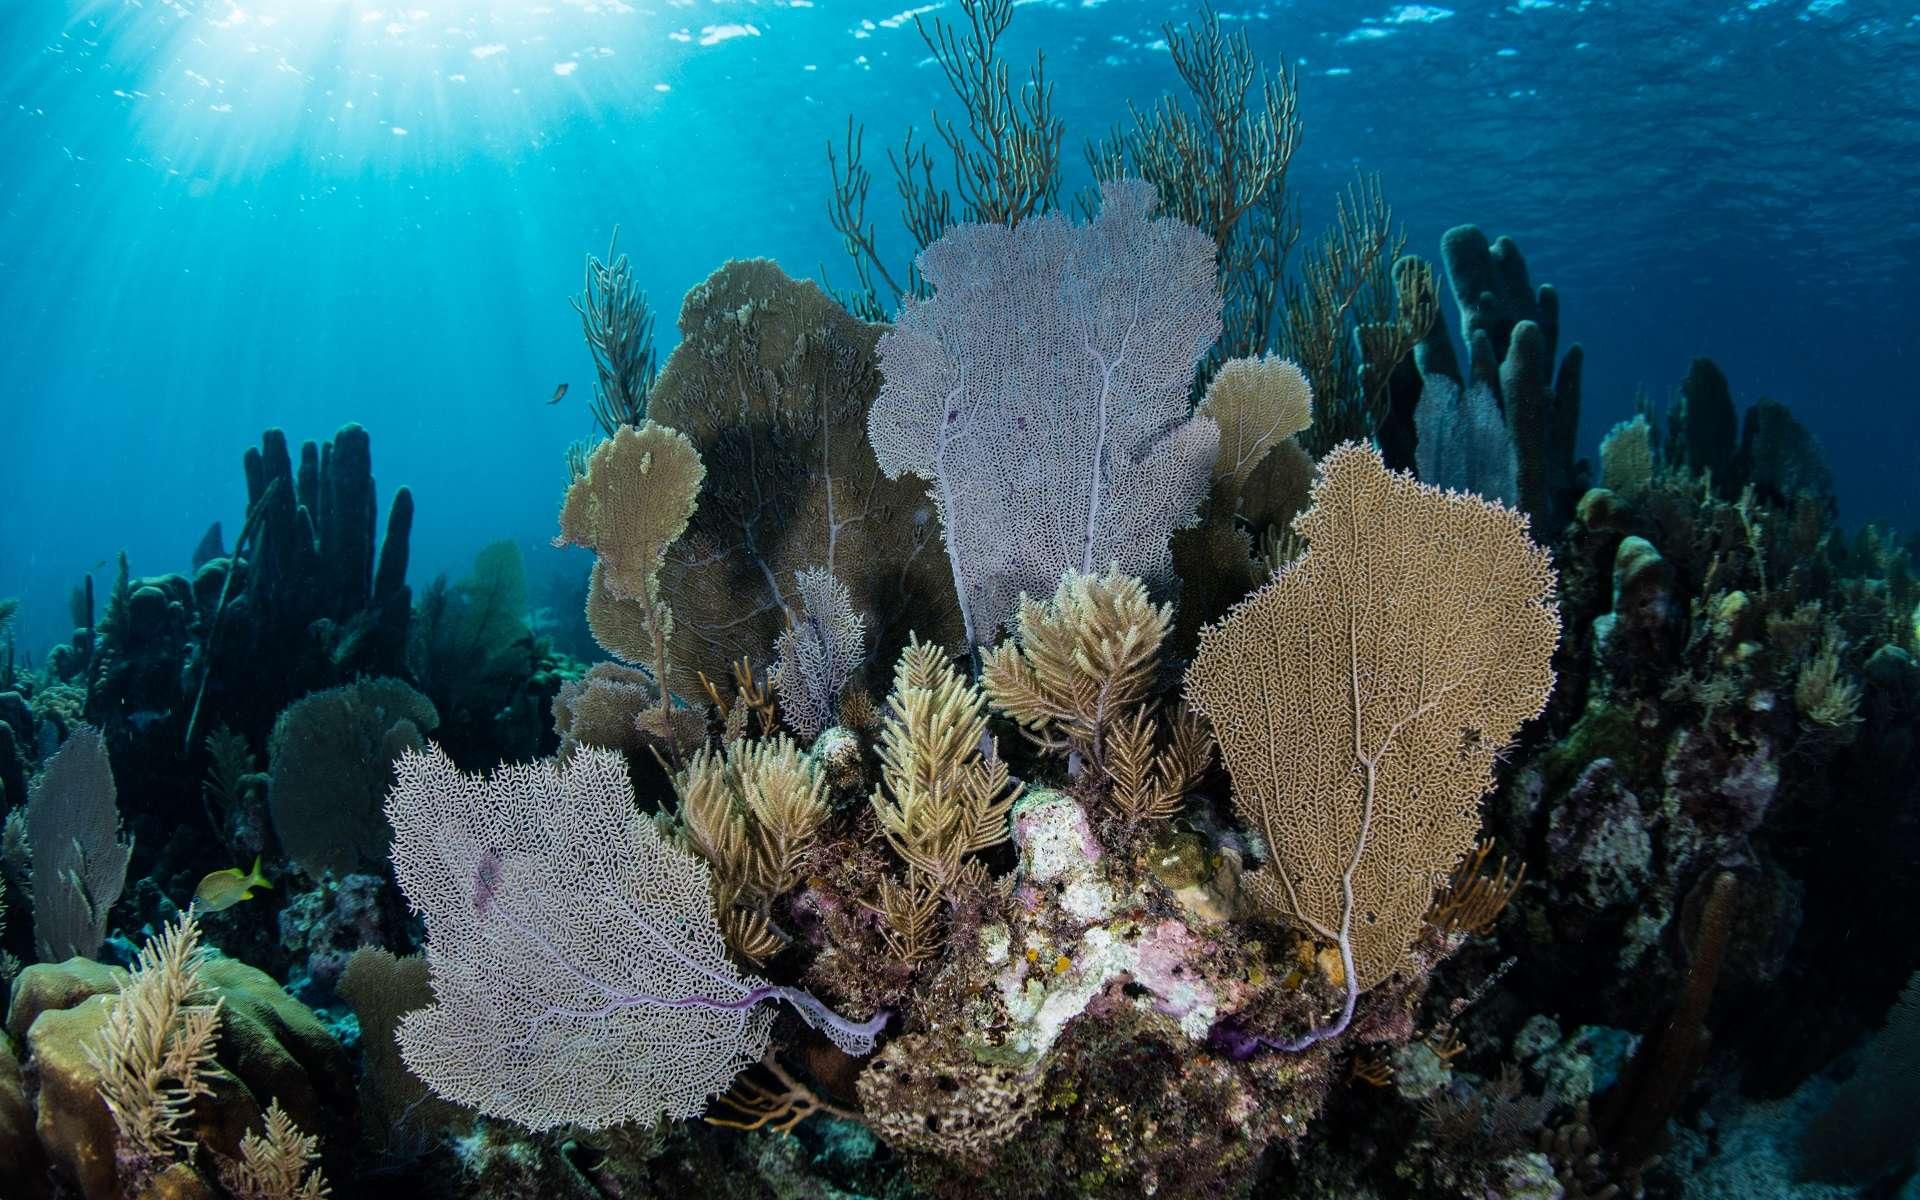 Les récifs coralliens sont le site d'une grande biodiversité parfois menacée. © Ethan Daniels, Shutterstock